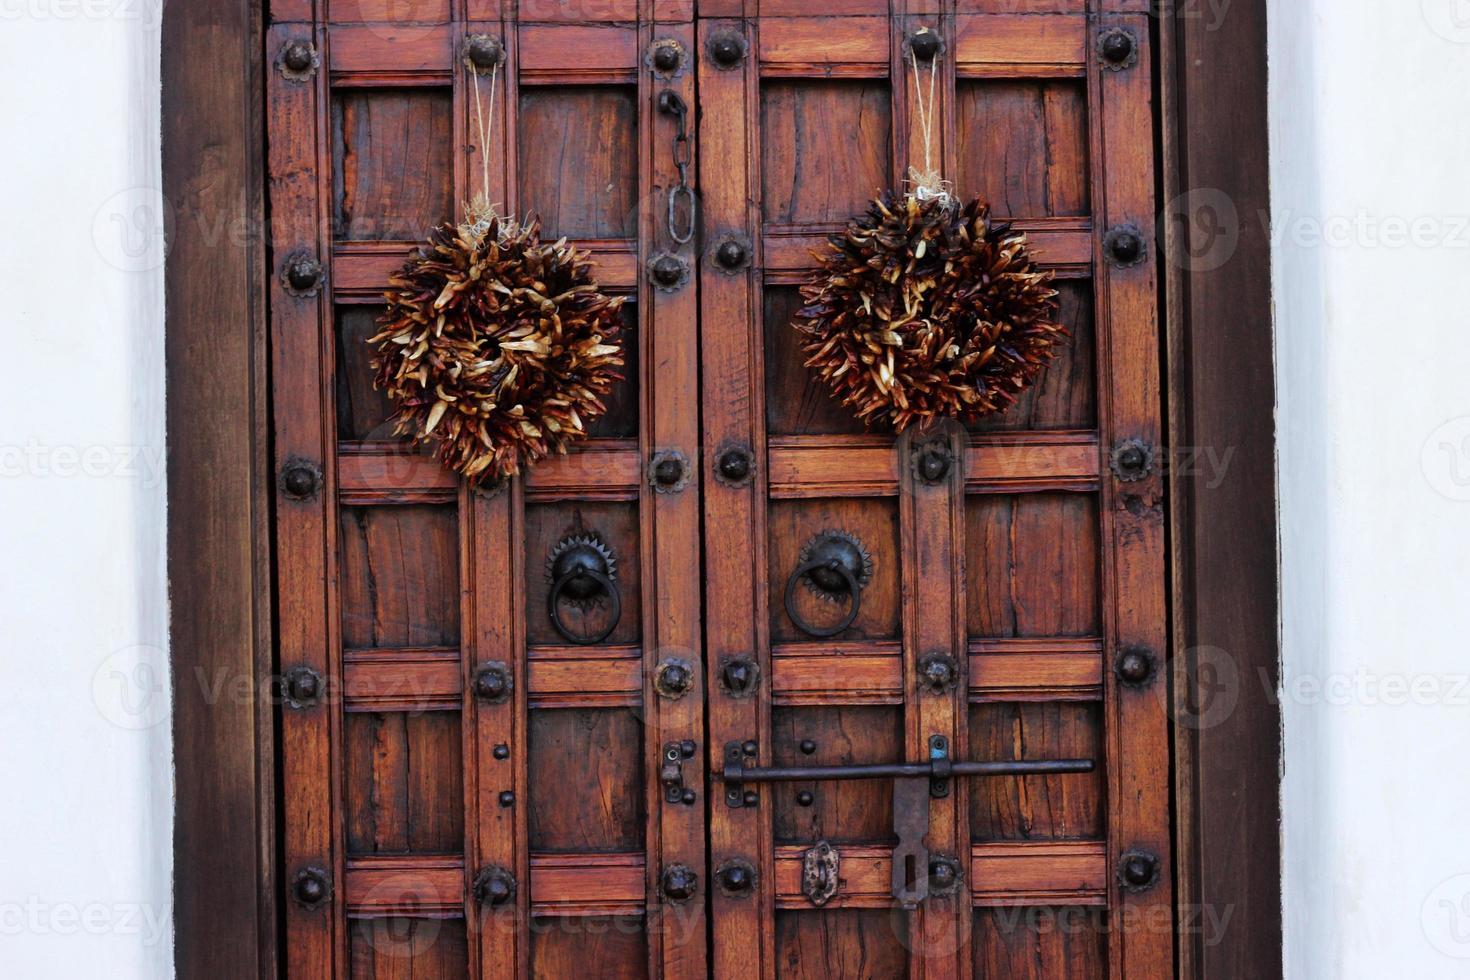 ristra - poivrons séchés sur les portes d'entrée photo